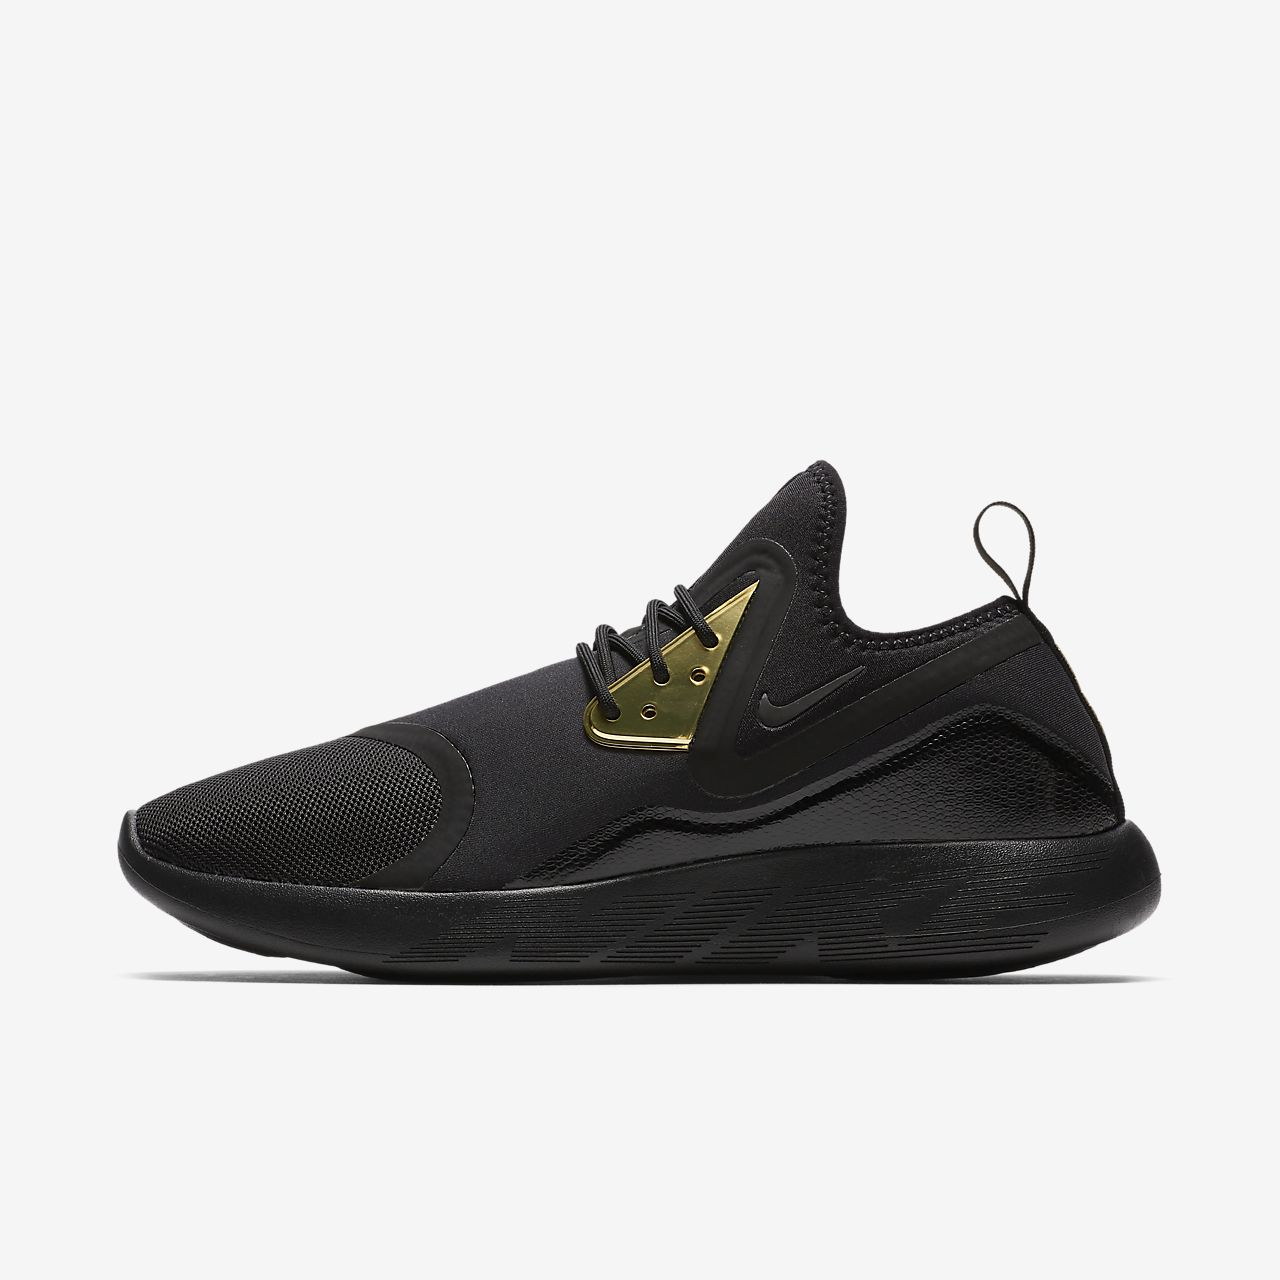 nike lunarcharge essential men 39 s shoe in. Black Bedroom Furniture Sets. Home Design Ideas